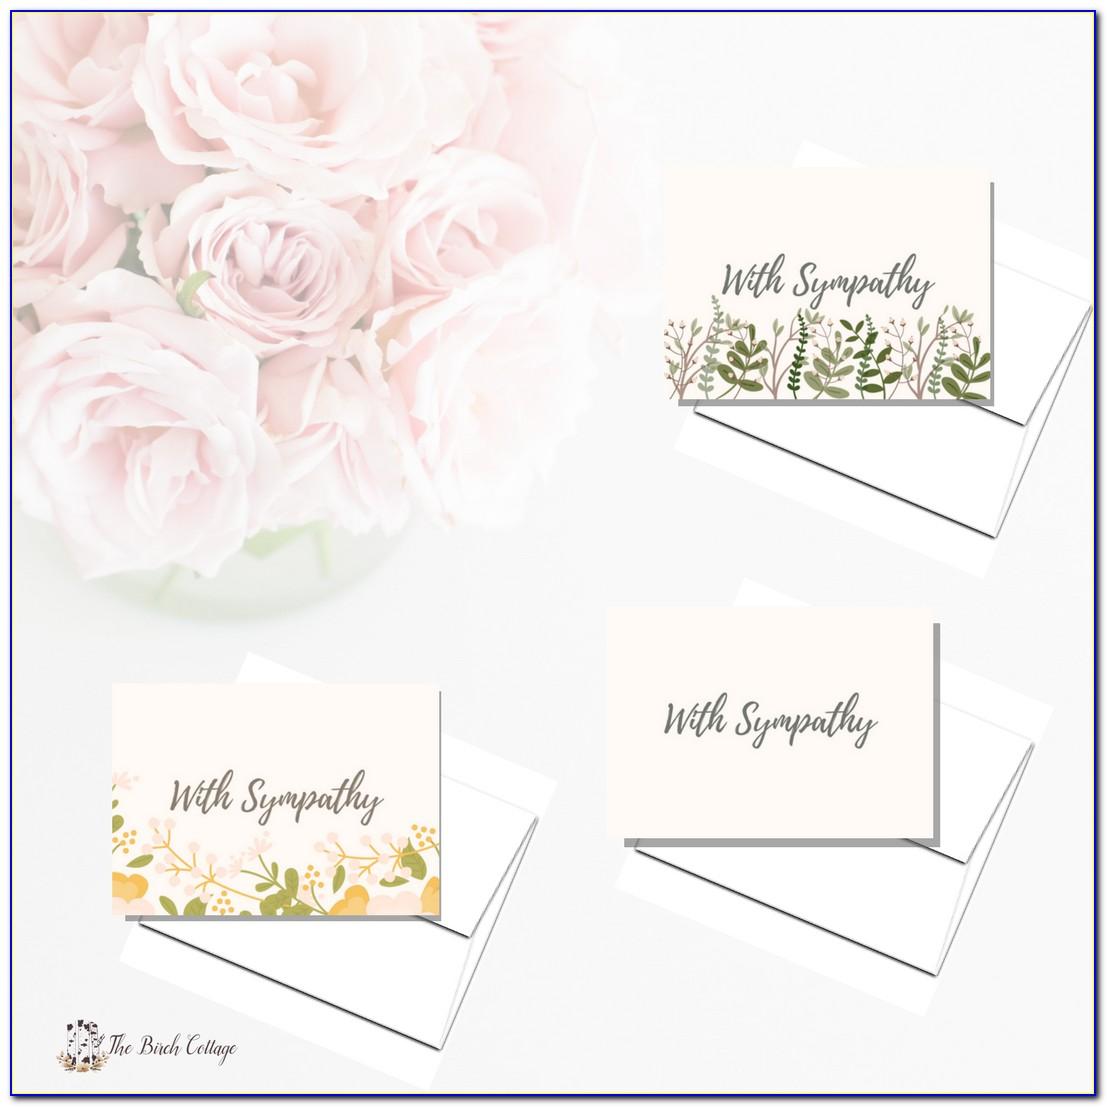 American Greetings Printable Cards